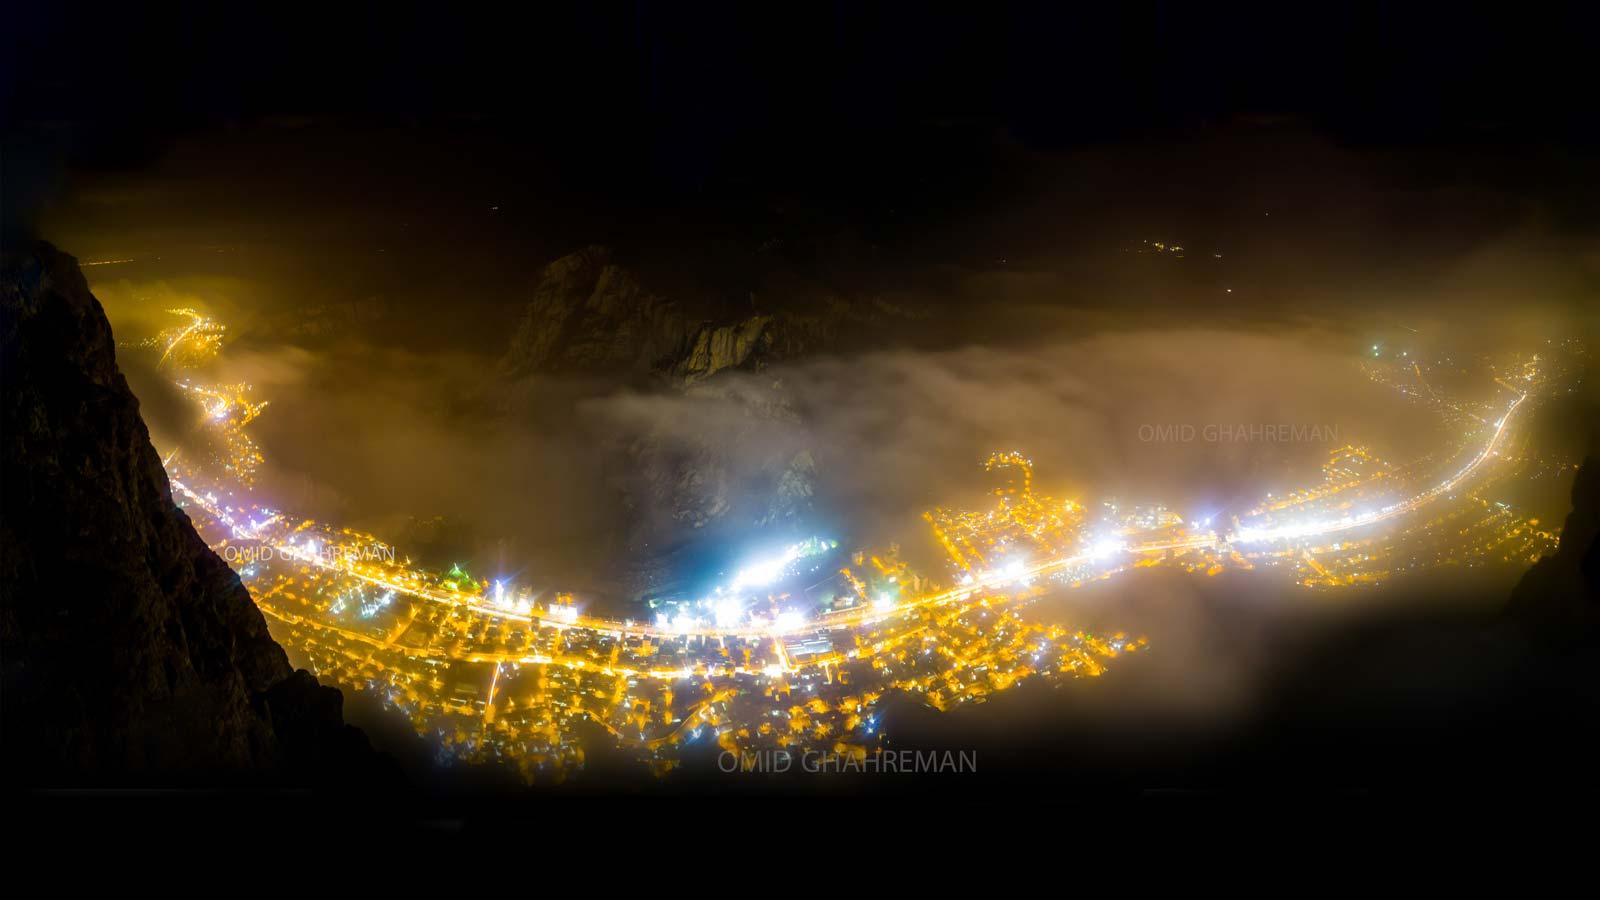 شب های ماکو همچون رودخانه طلایی غرق در مه